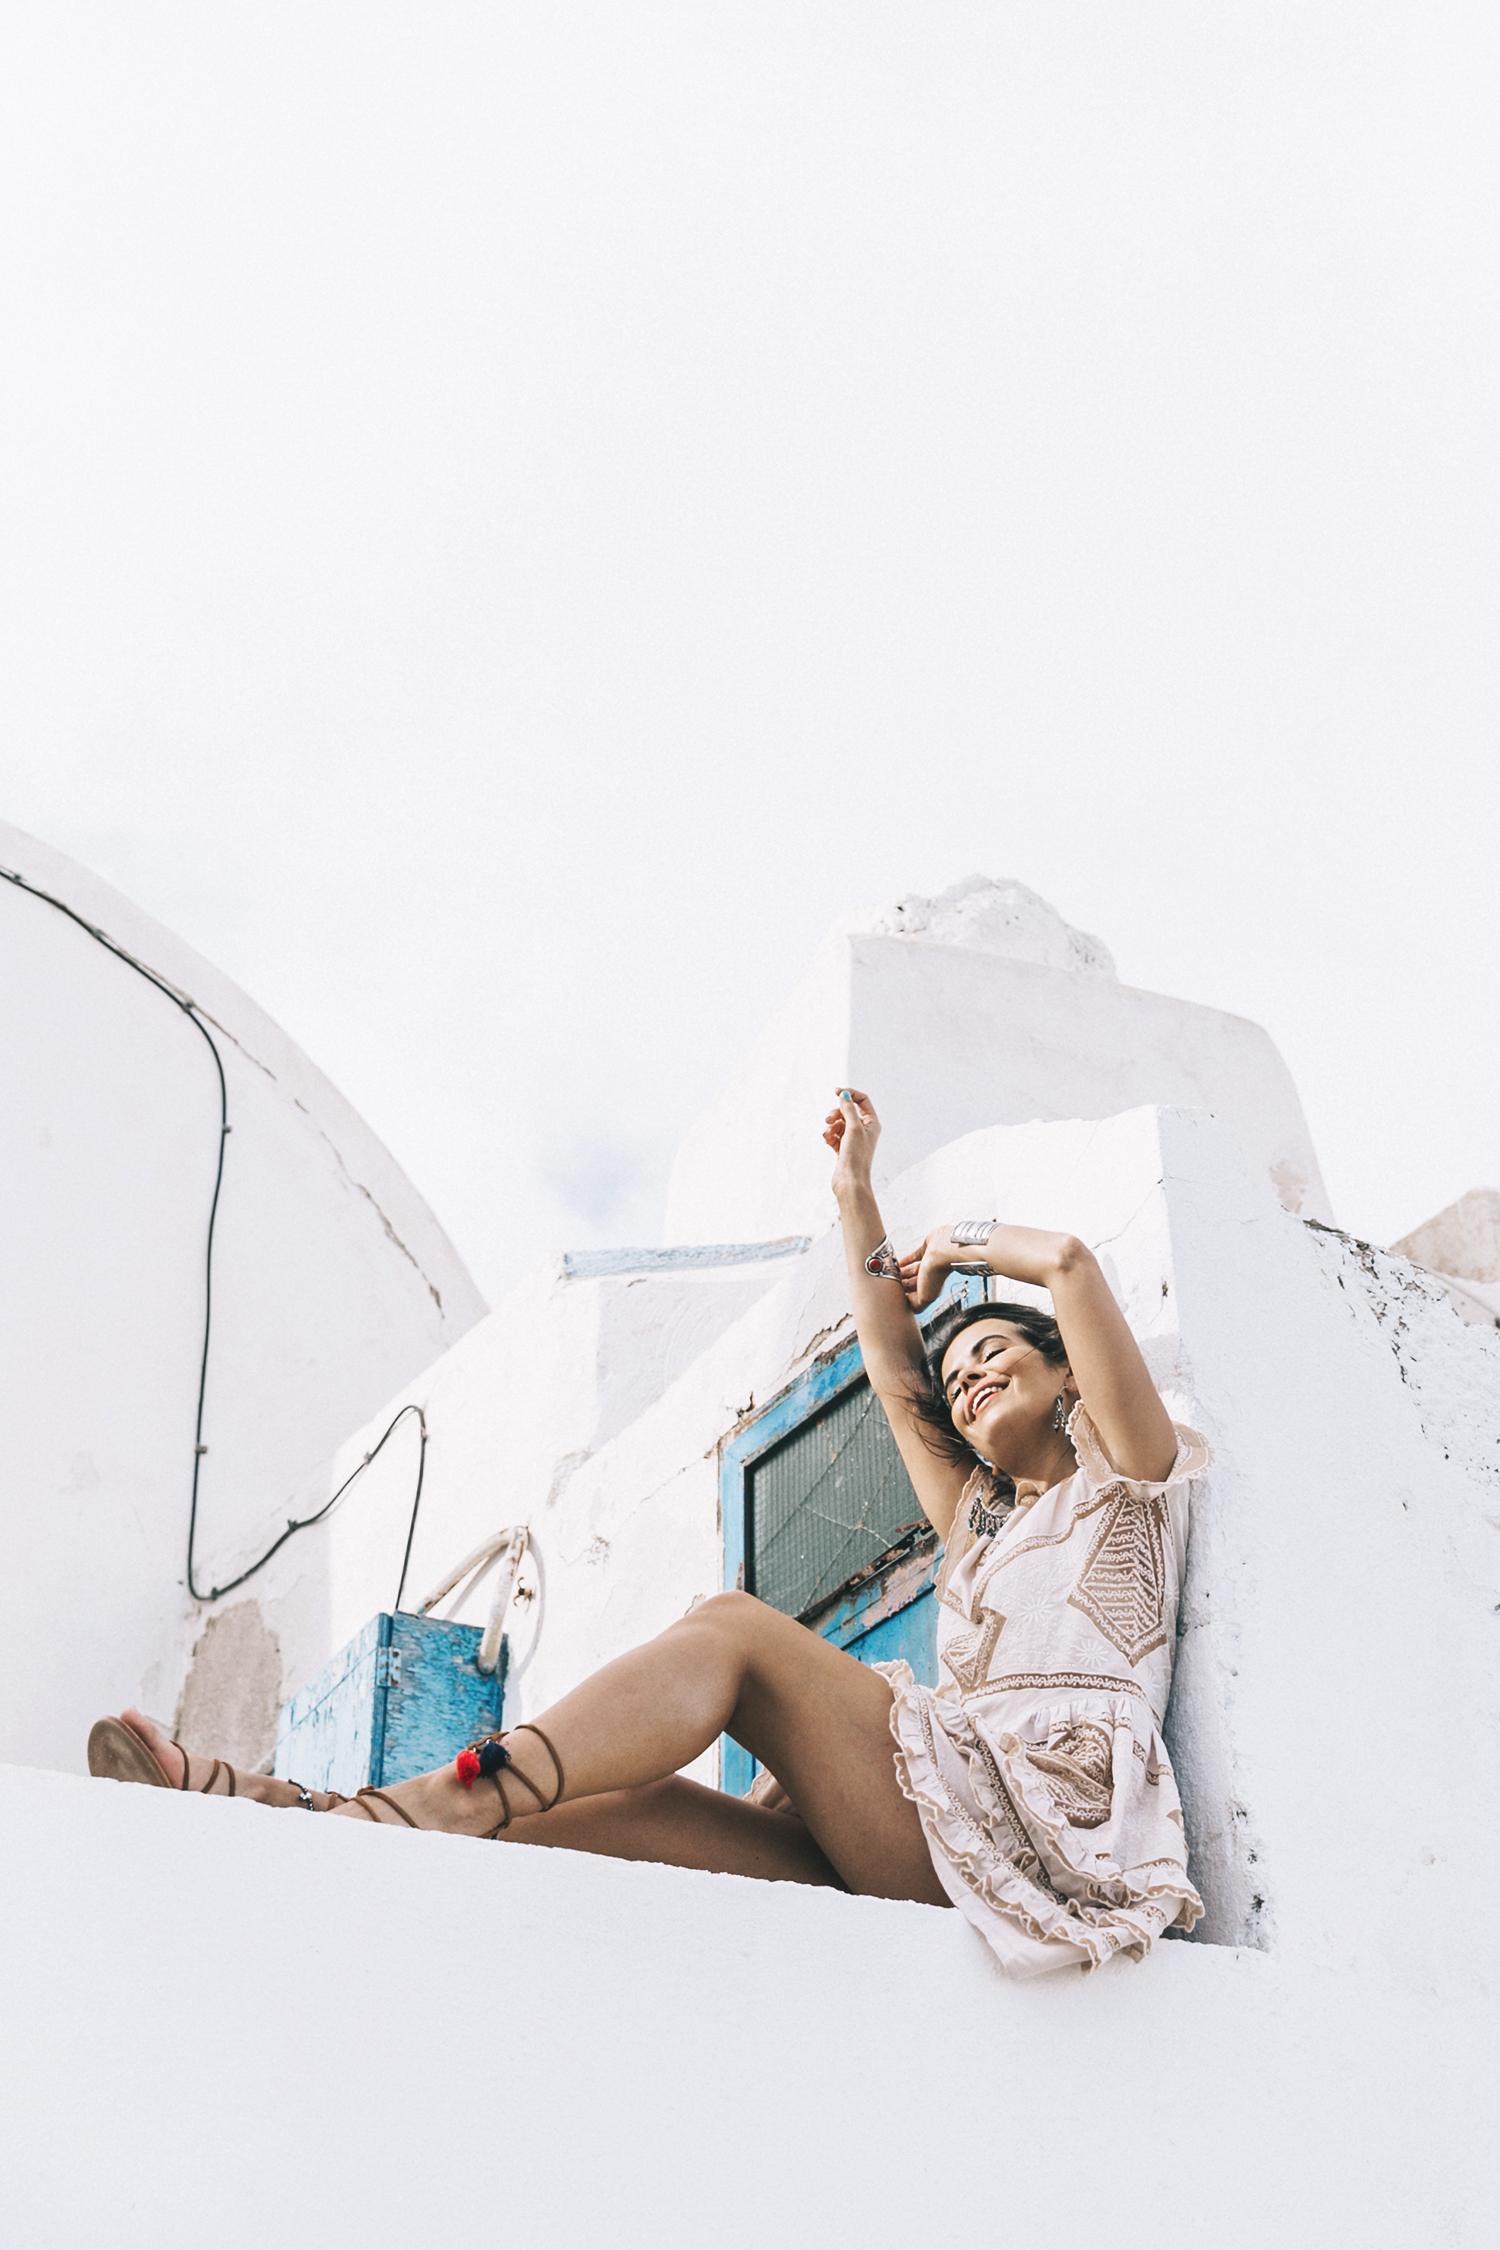 Chloe_Bag-Faye_Bag-For_Love_And_Lemons-Dress-Topknot-Soludos_Escapes-Soludos_Espadrilles-Summer-Santorini-Collage_Vintage-31